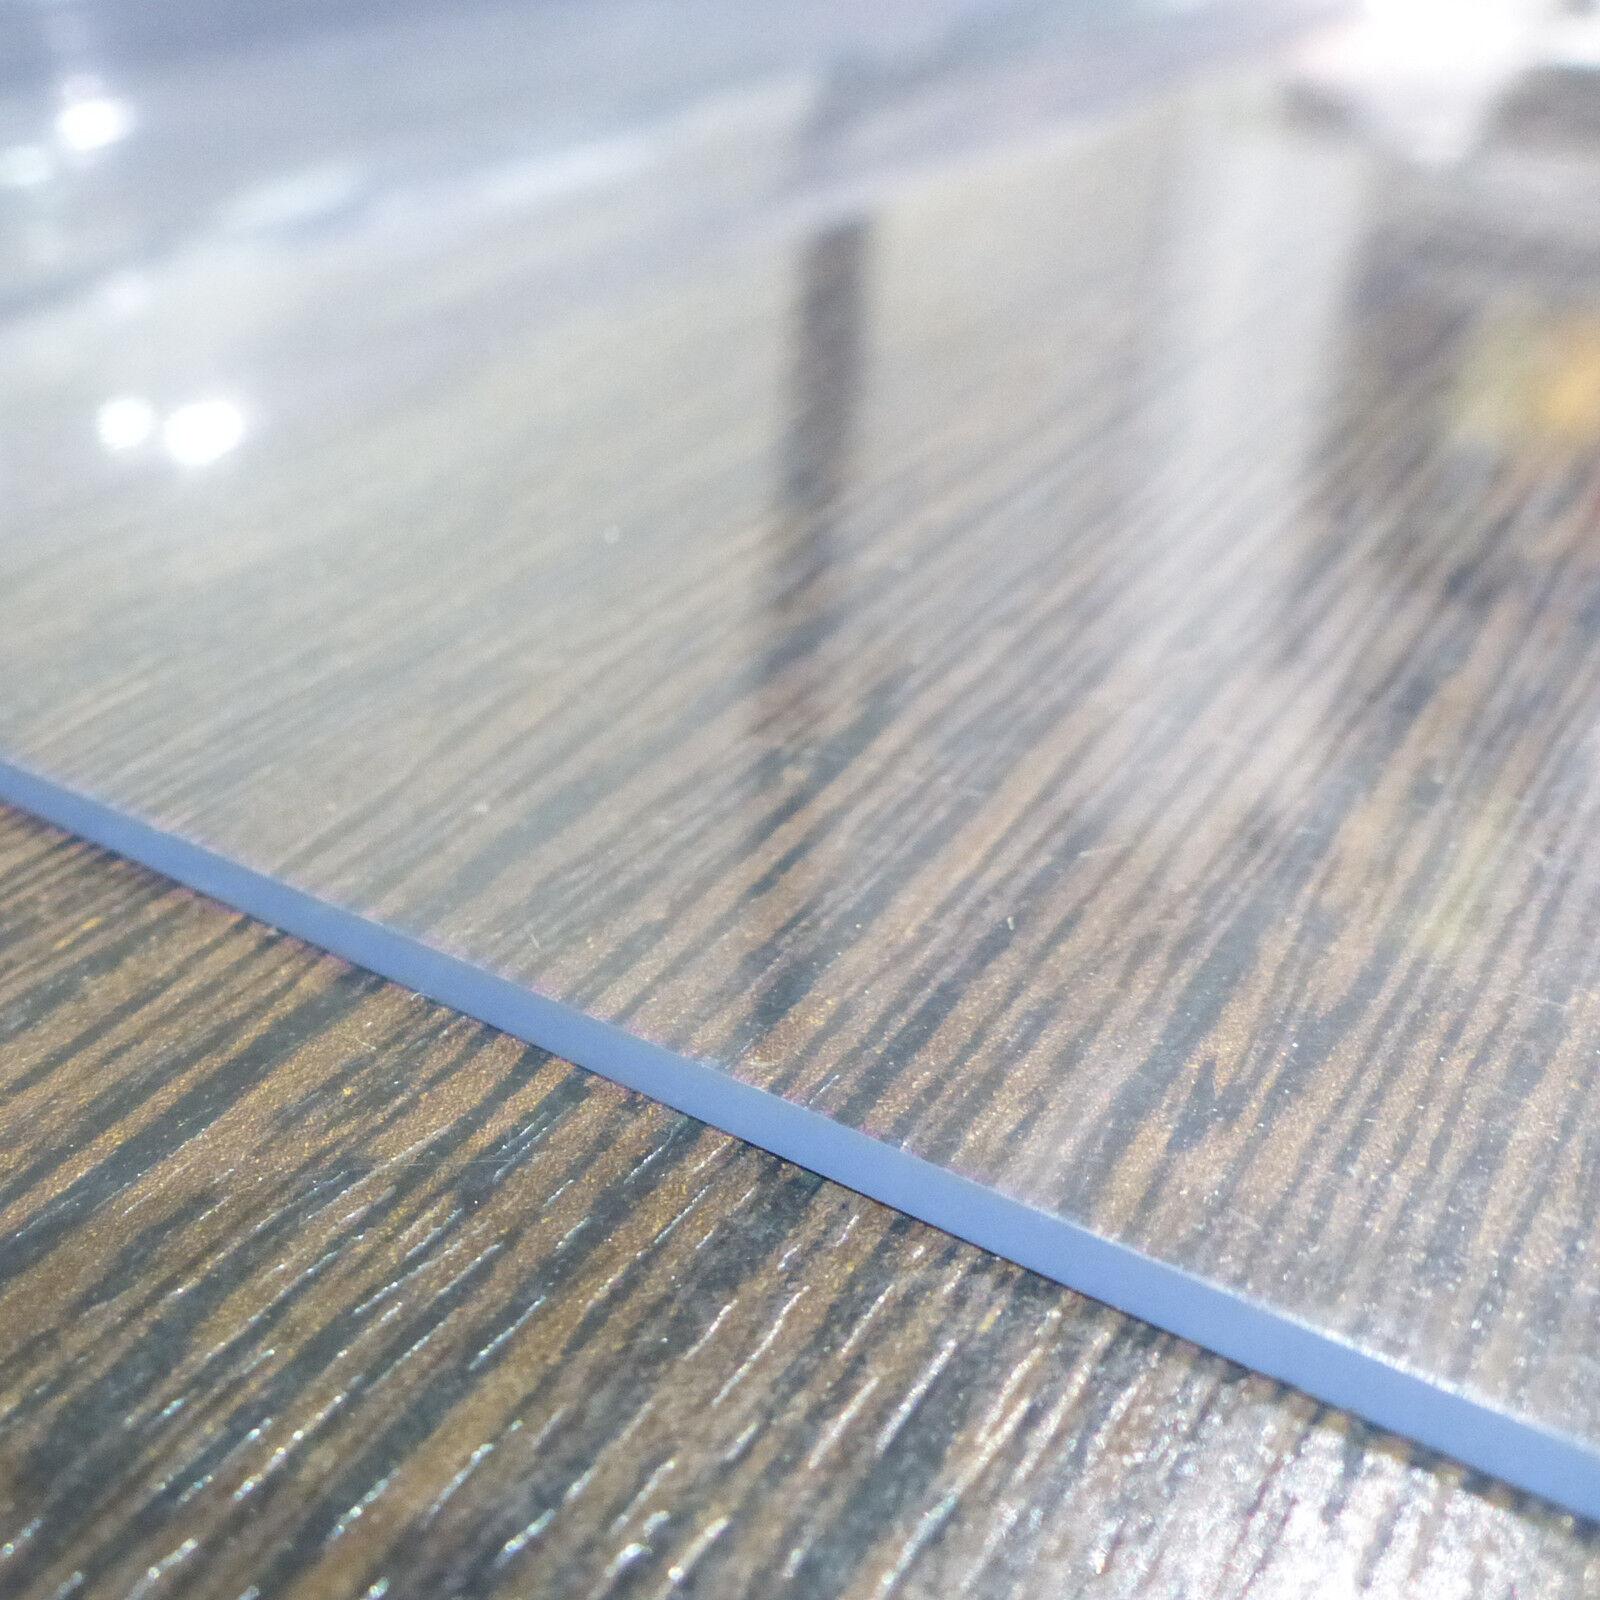 tischfolie pvc 2mm tischdecke schutzfolie transparent 80cm90cm100cm120cm breit eur 13 35. Black Bedroom Furniture Sets. Home Design Ideas